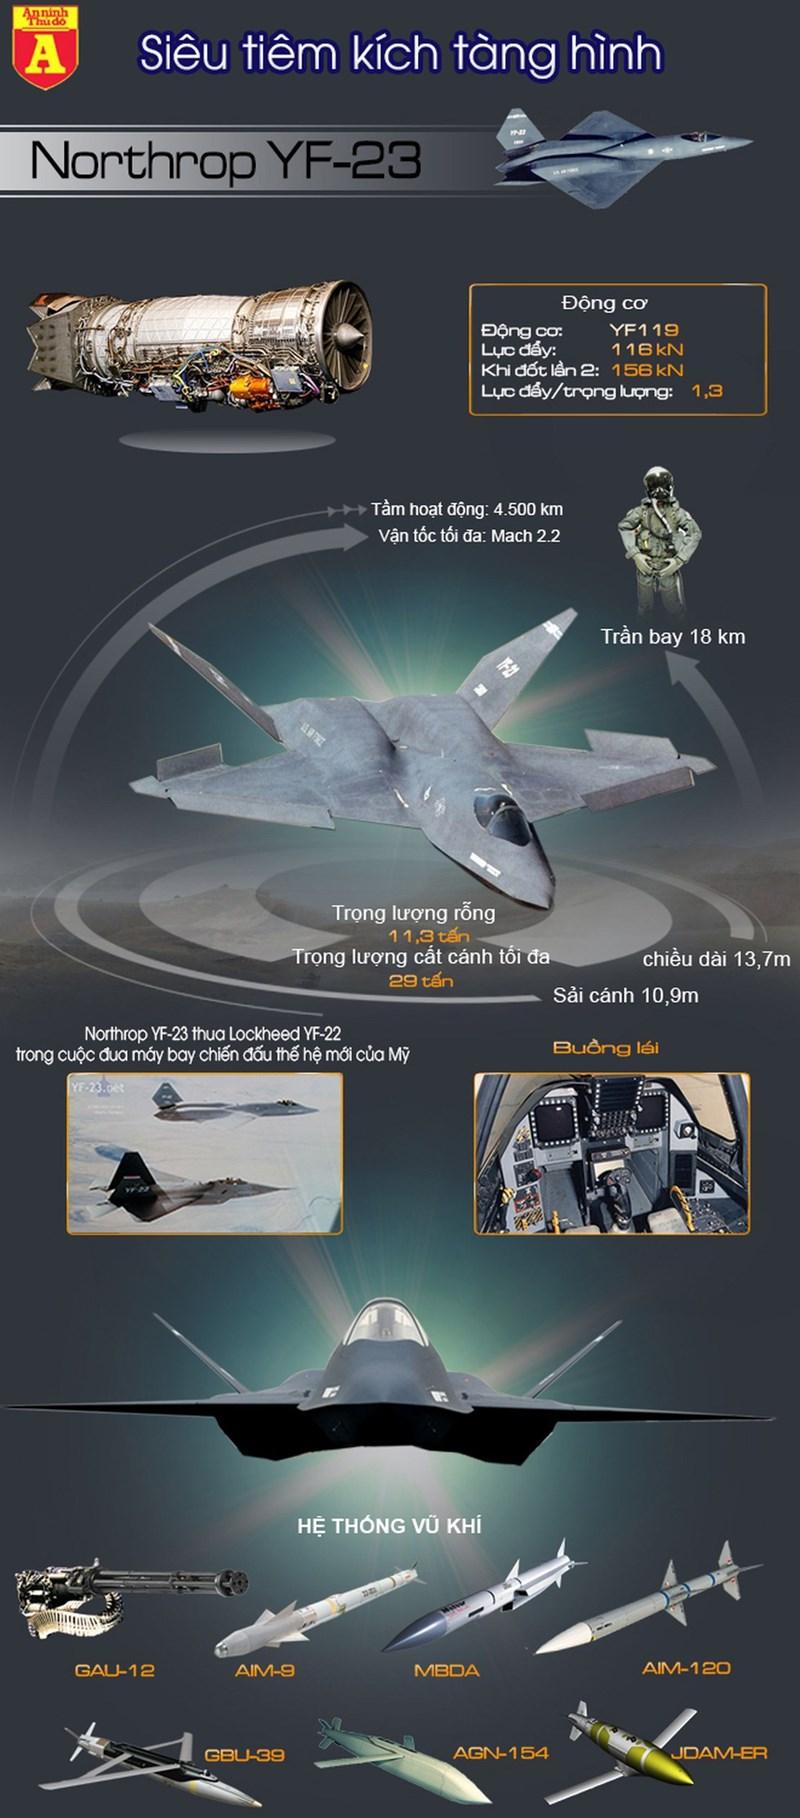 """[Infographics] Sức mạnh tiêm kích YF-23 của Mỹ biệt danh """"góa phụ đen"""" - Ảnh 1"""